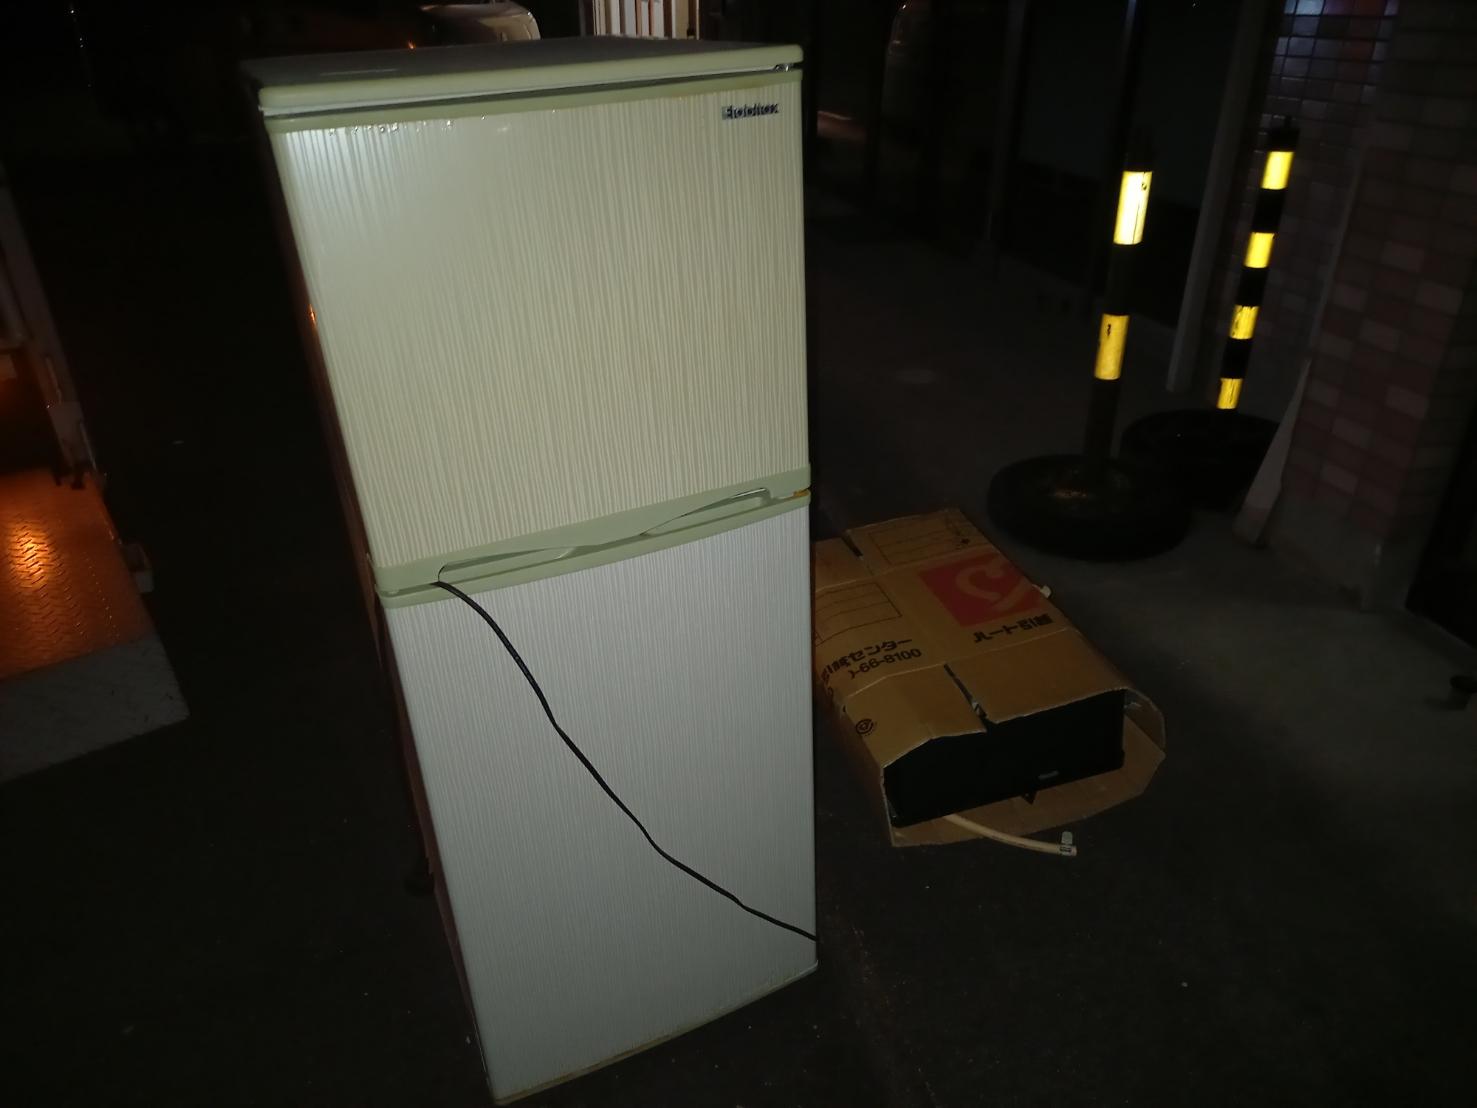 静岡県浜松市の冷蔵庫・冷凍庫の回収前